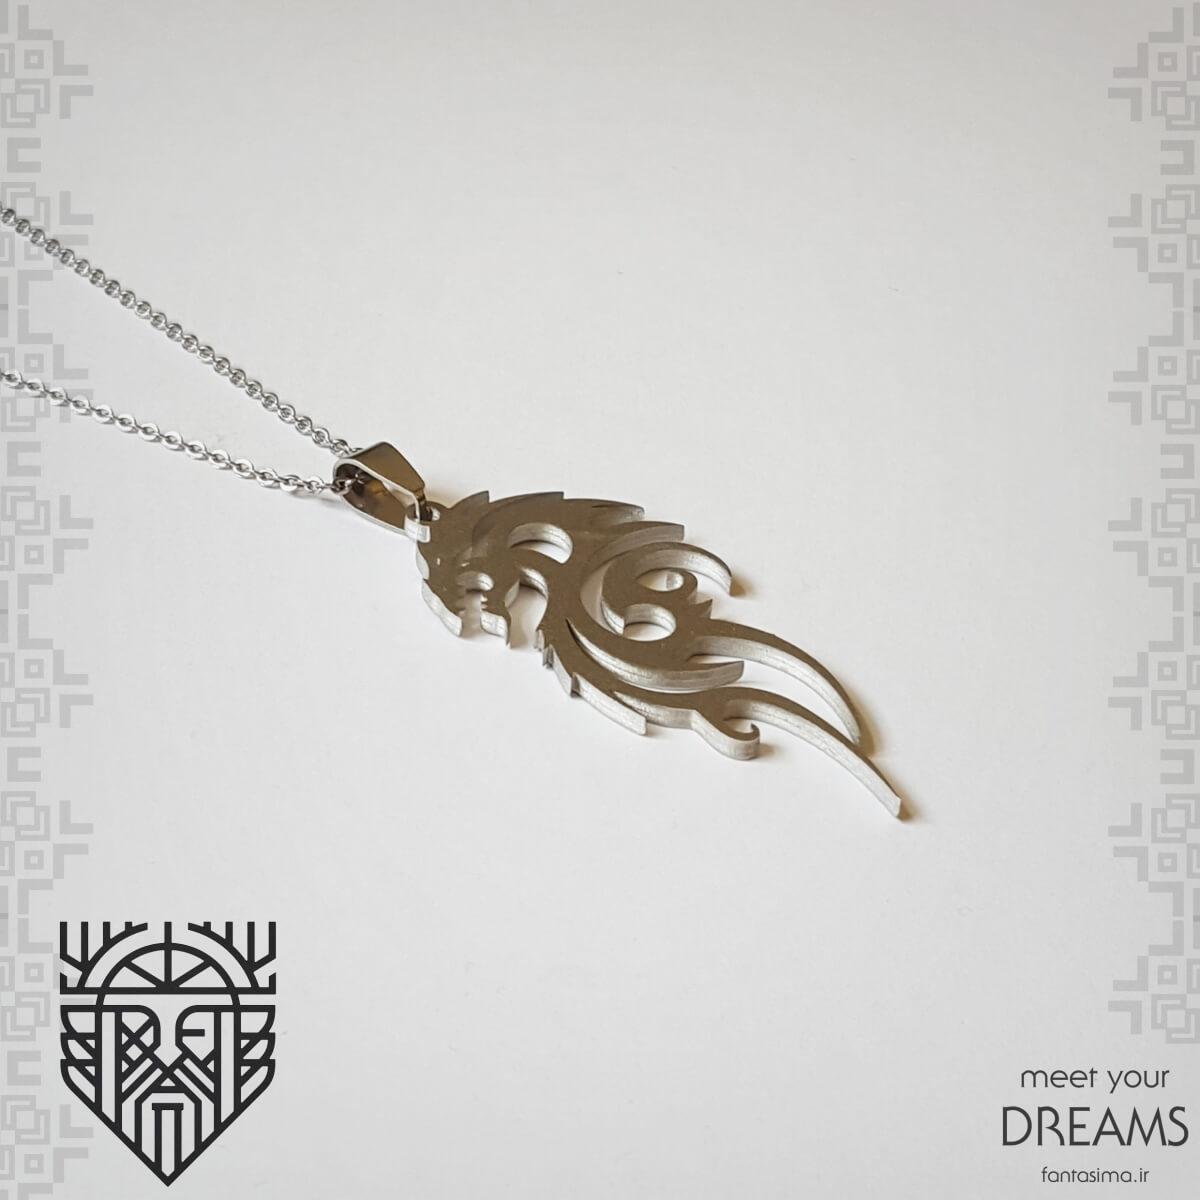 گردنبند استیل اژدها - اساطیر - مات